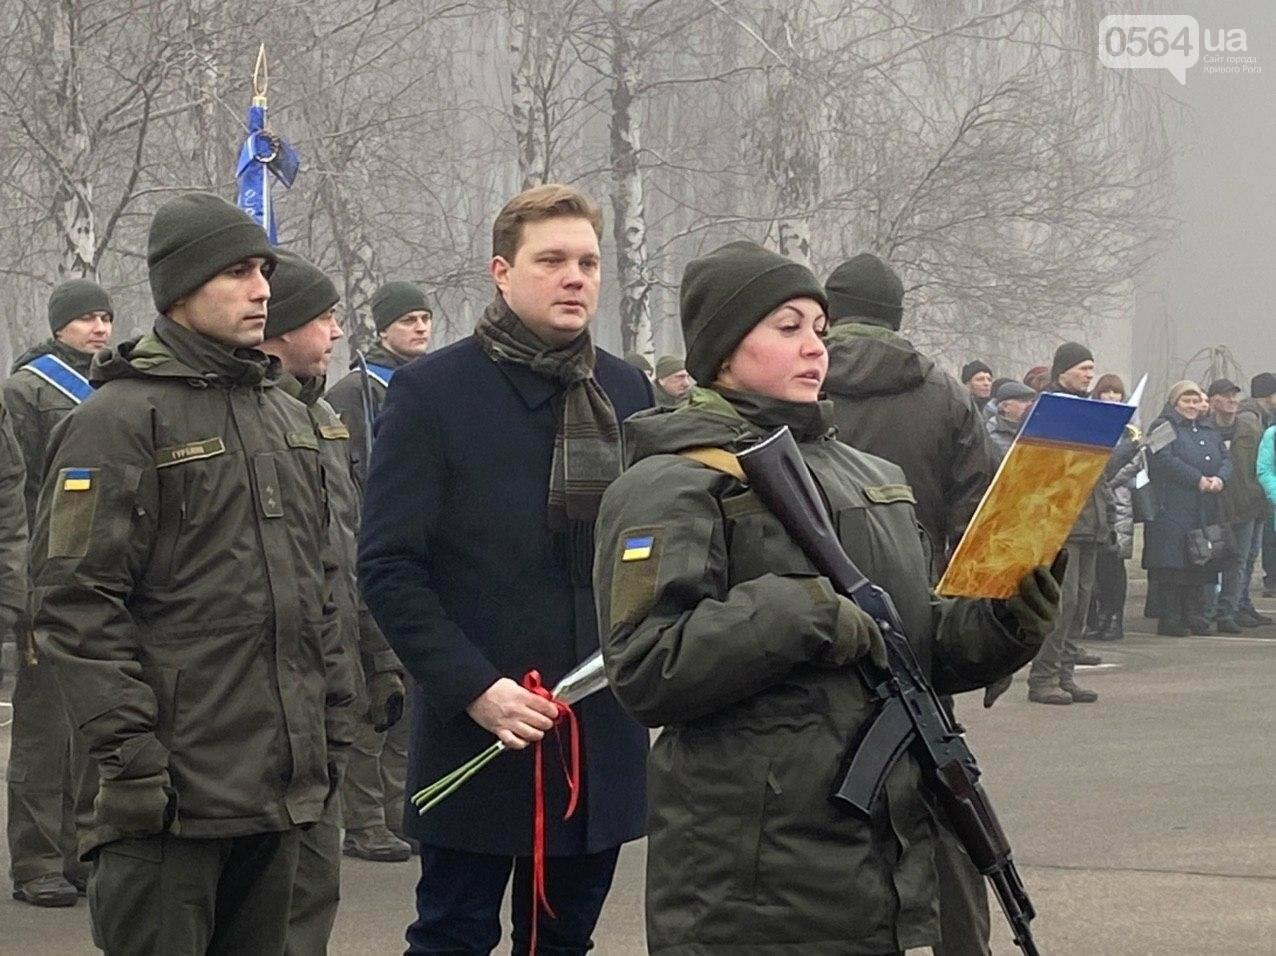 В Кривом Роге на верность украинскому народу присягнули 43 нацгвардейца, - ФОТО, ВИДЕО , фото-46